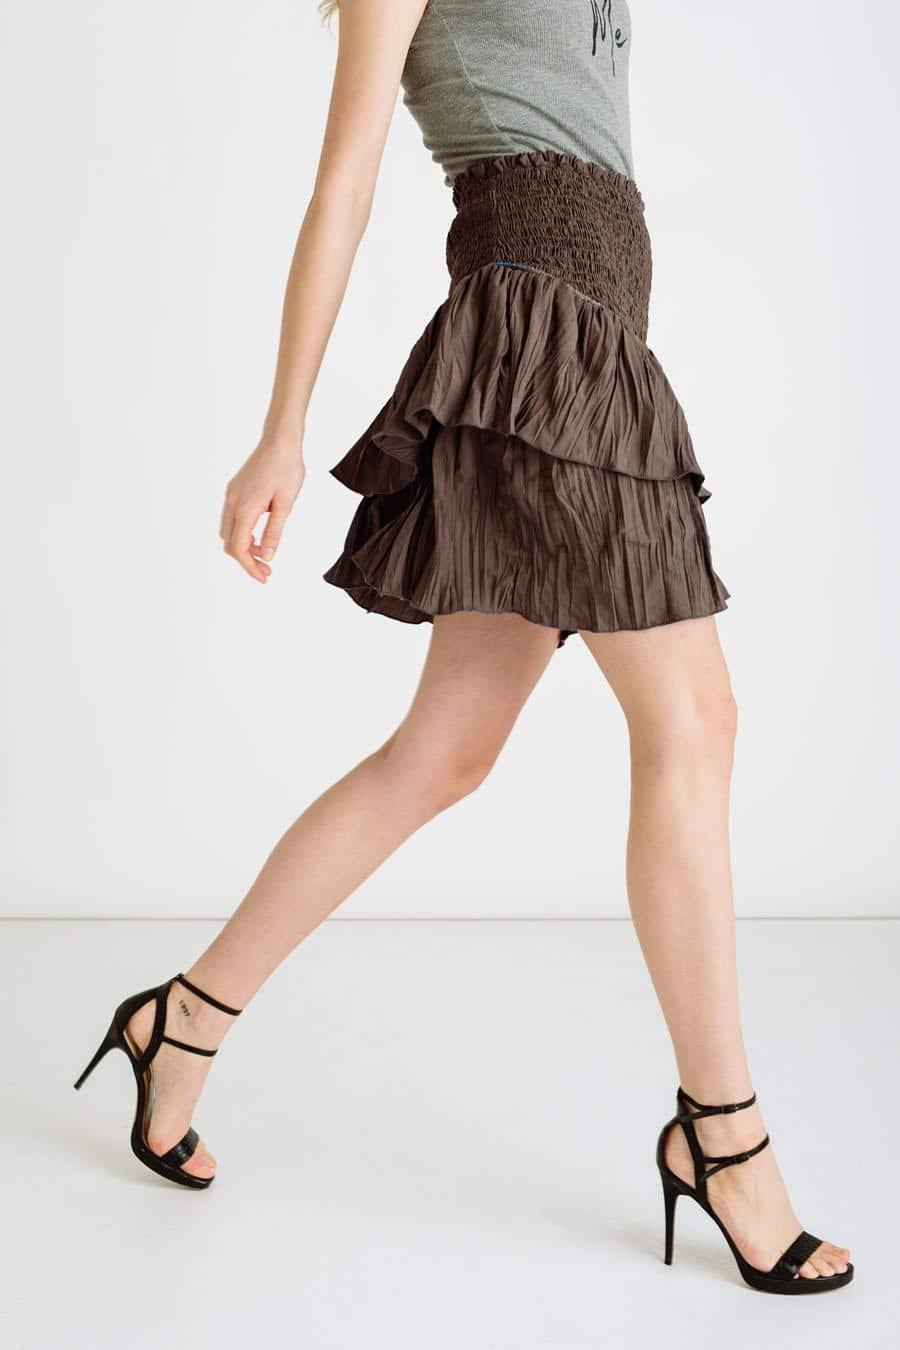 jagger zenska suknja kolekcija prolece leto 2021 ss 2021 kupi online jg 5499 06 3